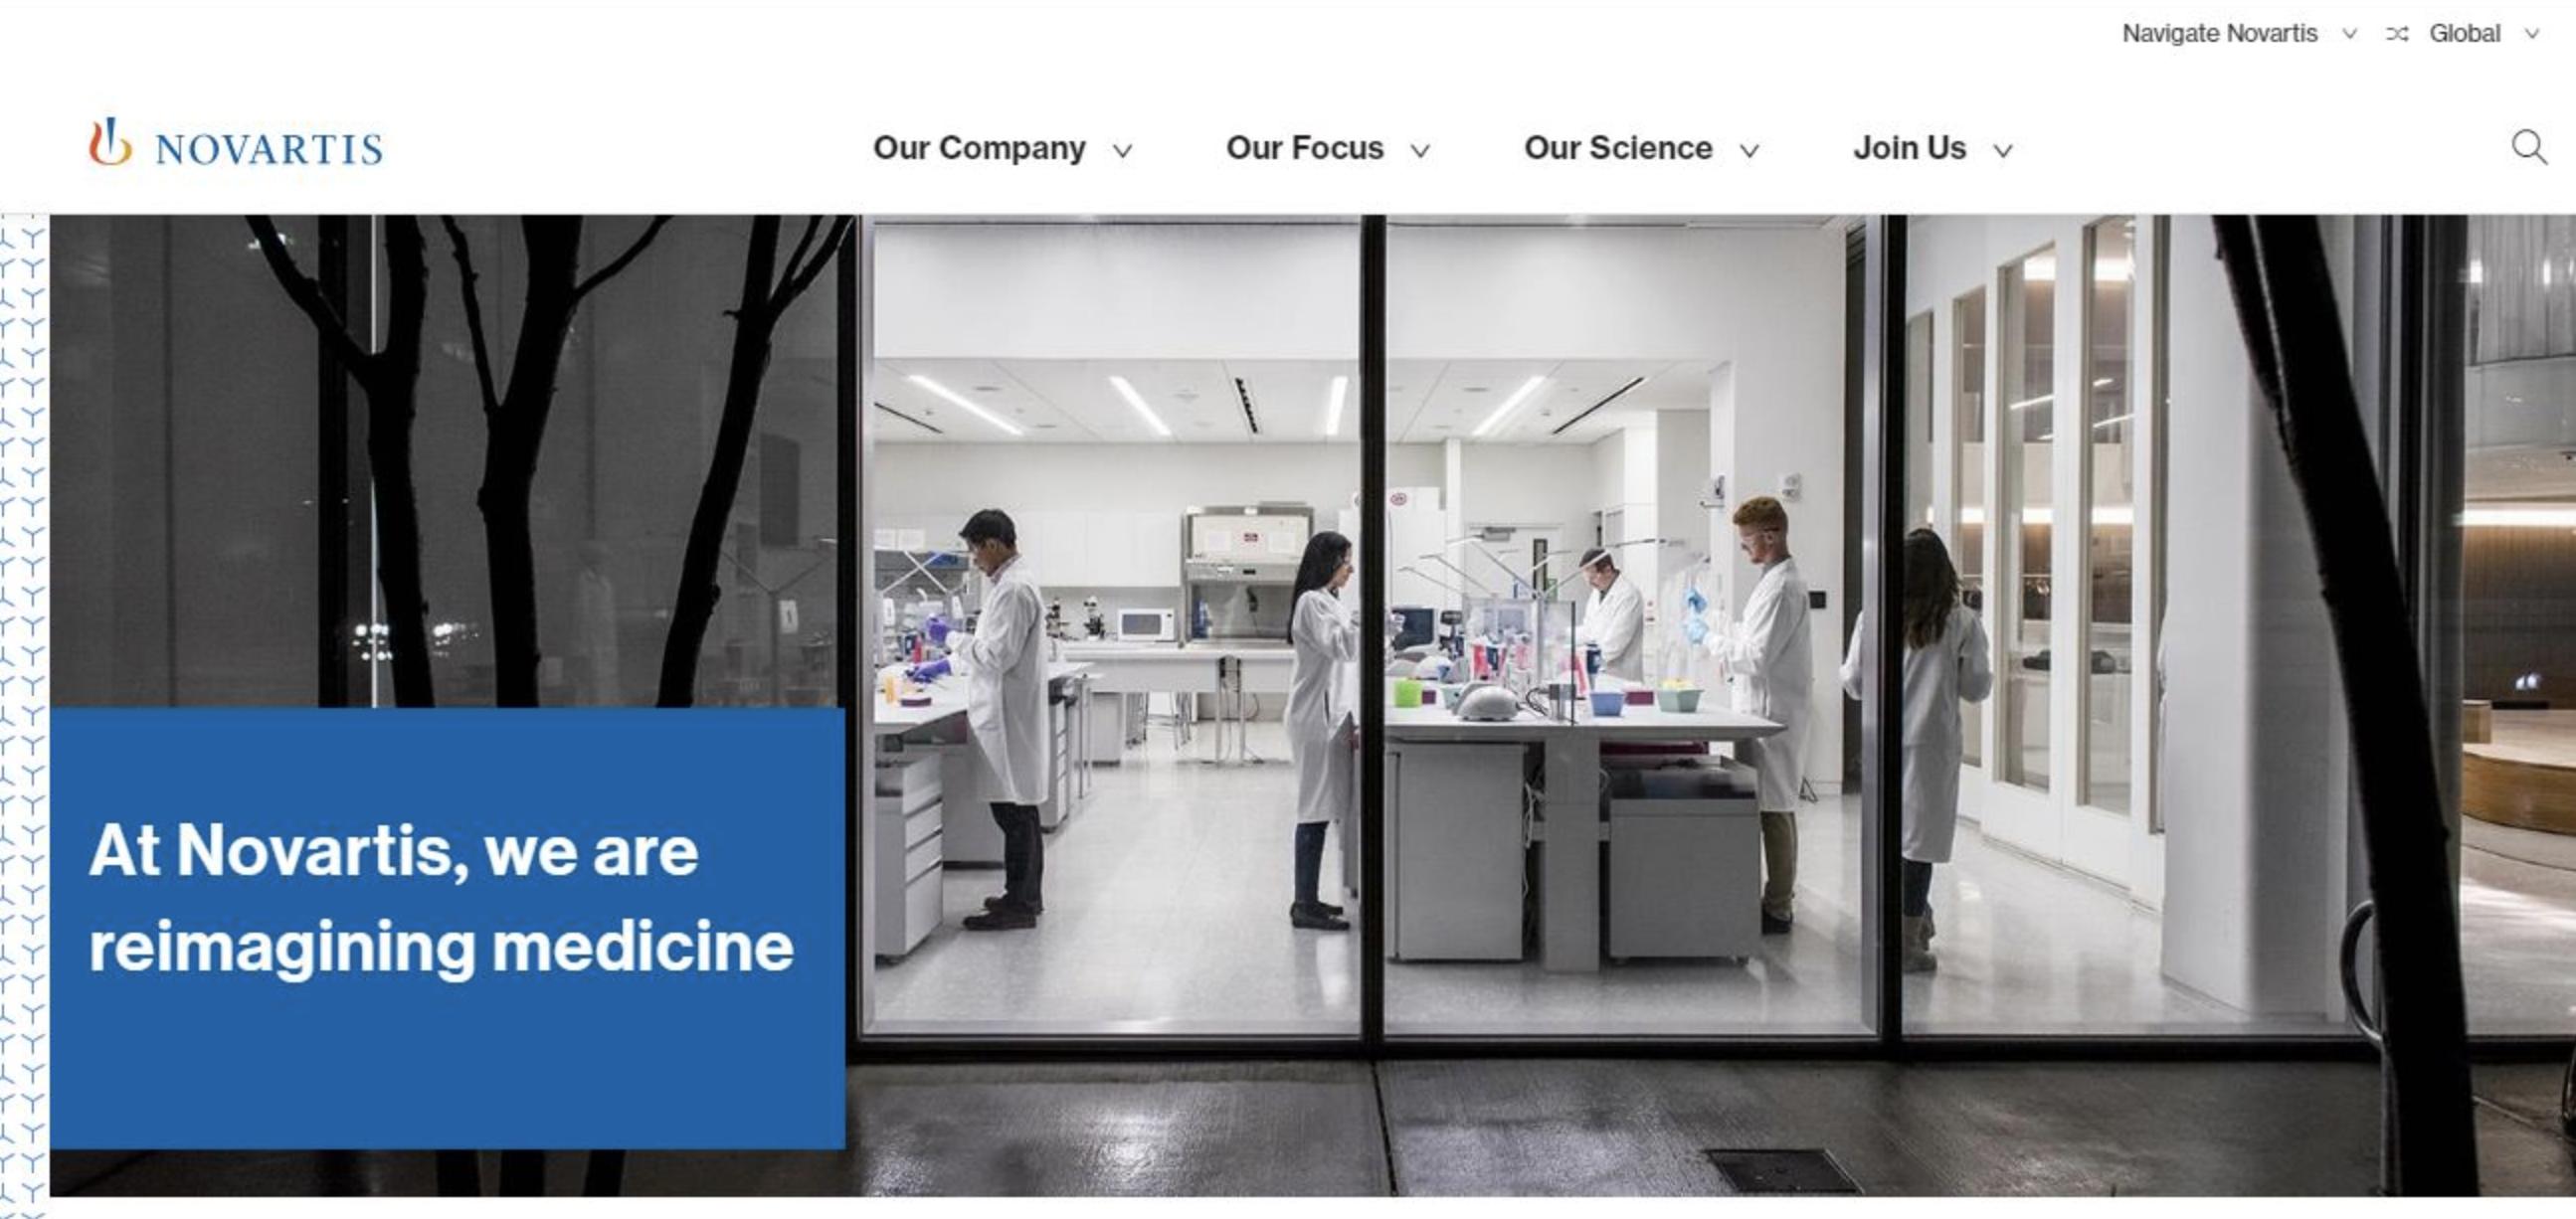 ejemplo de combinaciones de colores para páginas web: Novartis